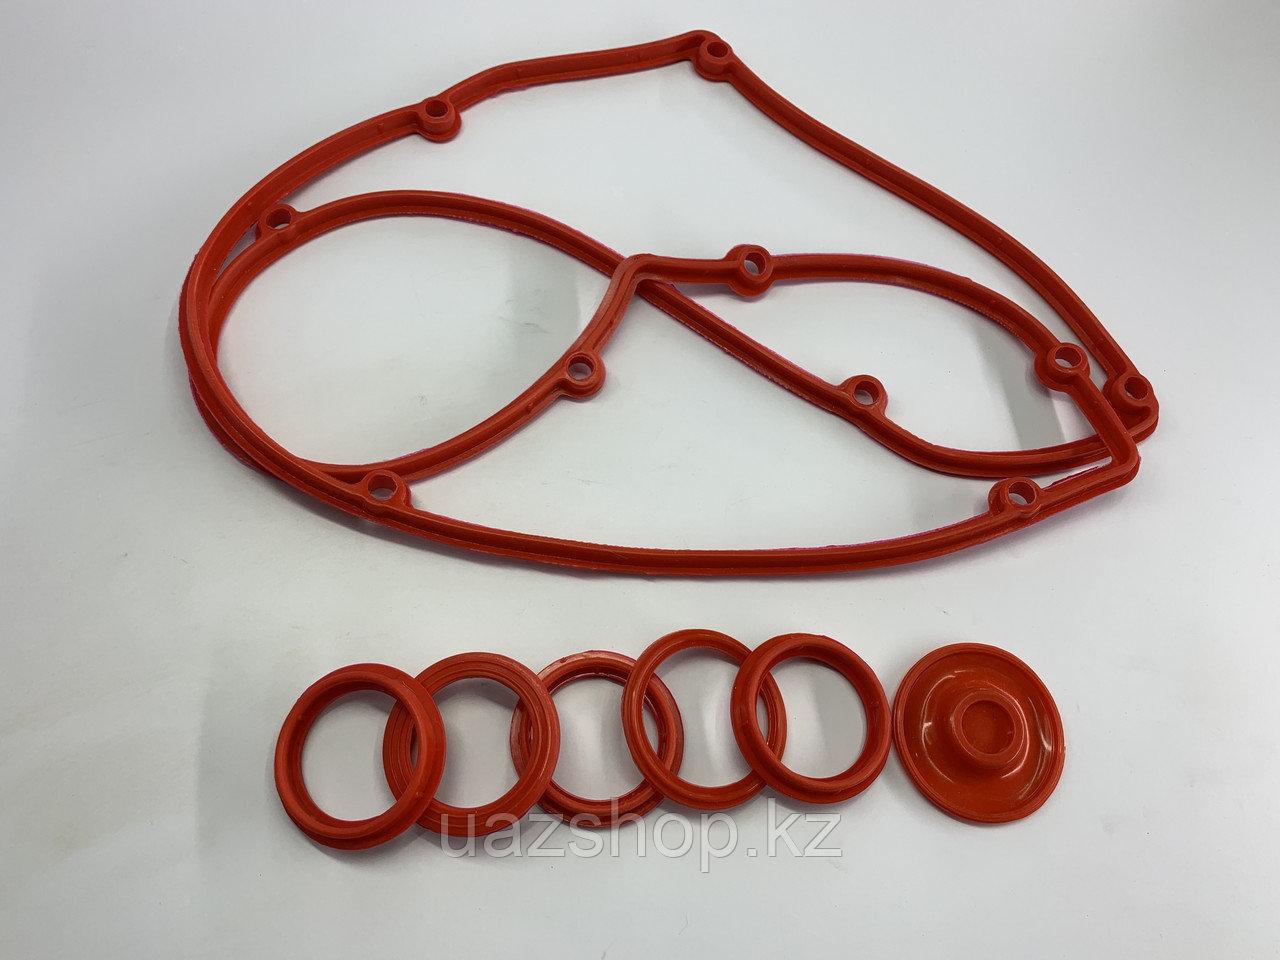 Прокладка клапанной крышки + уплотнители свечных колодцев+ диафрагма сапуна для ЗМЗ 409